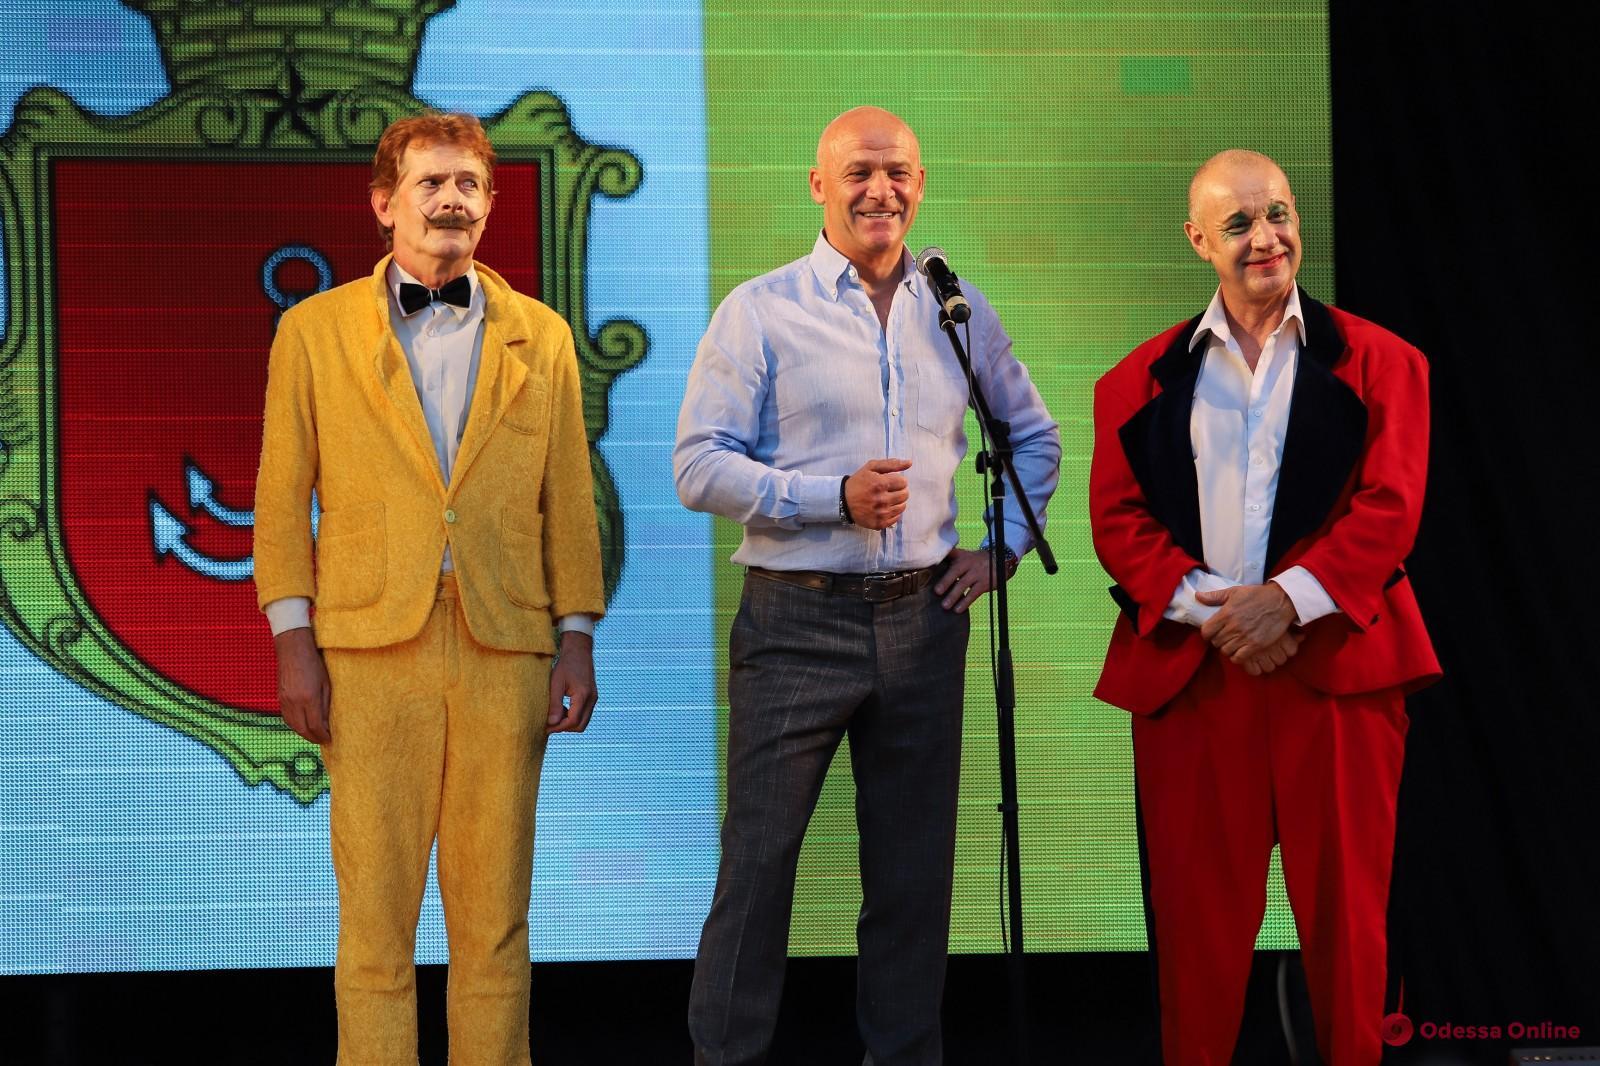 «Атака клоунов»: в Летнем театре Горсада стартовал сезон спектаклей (фото)